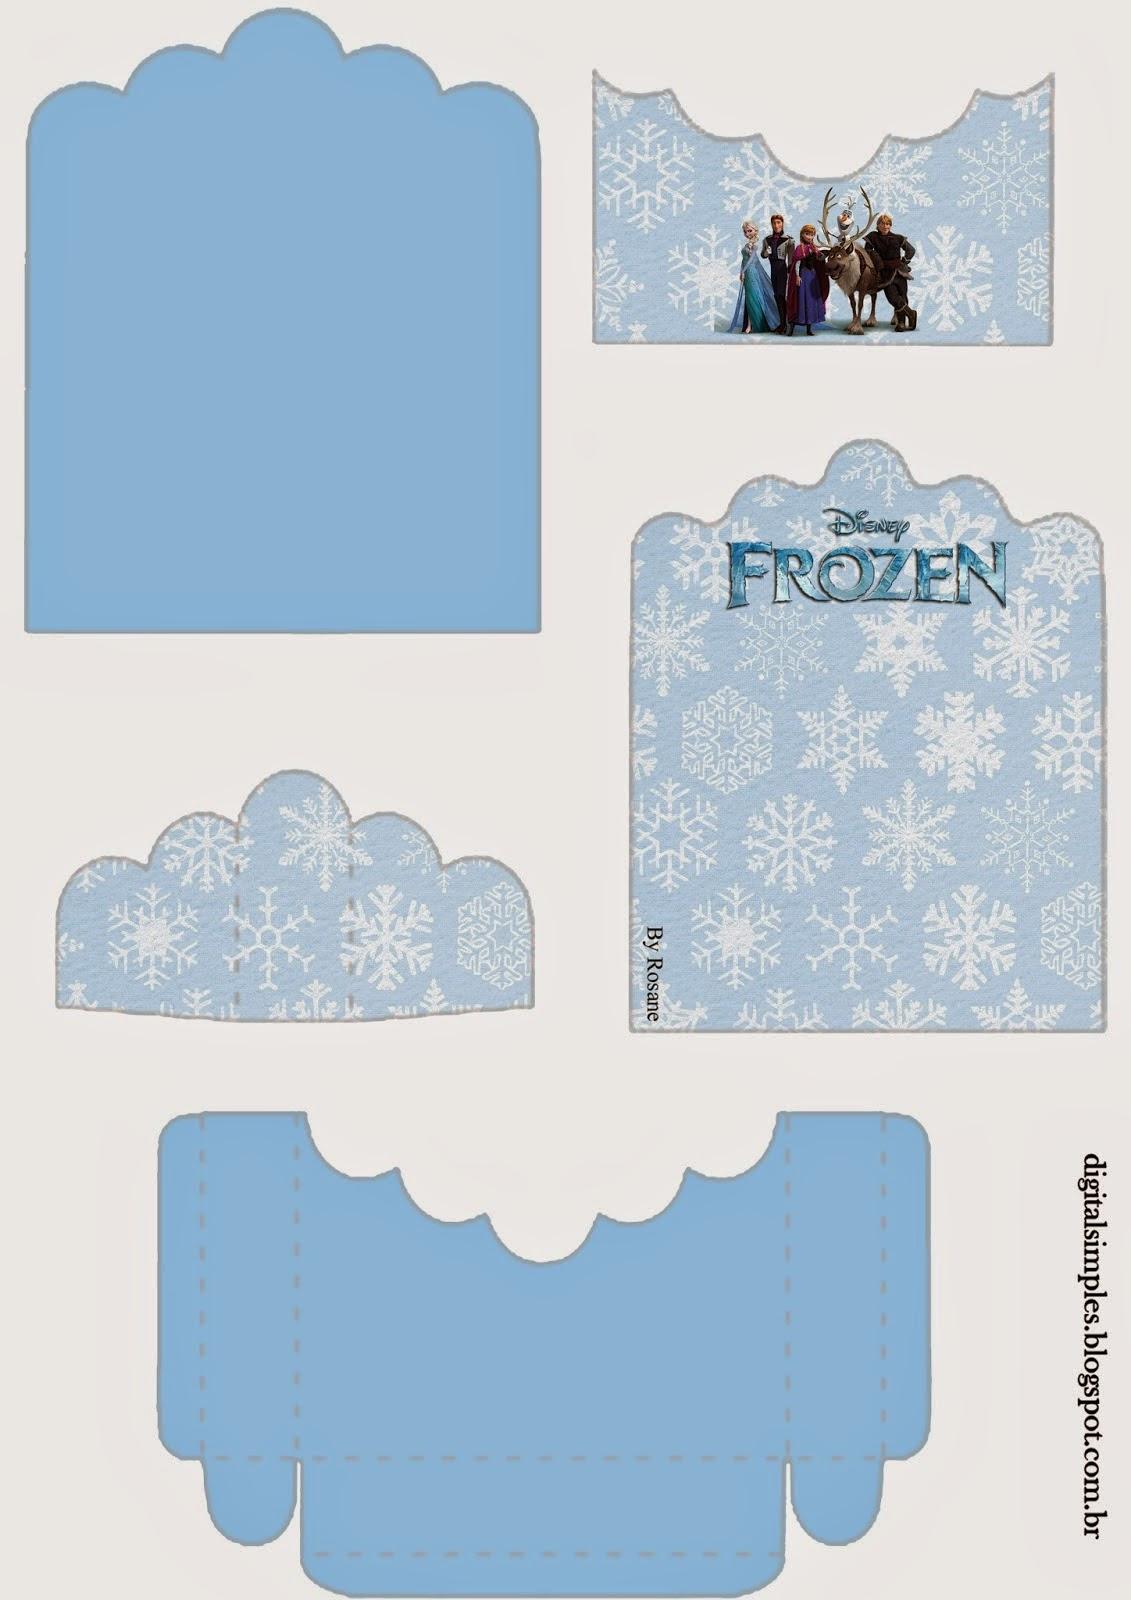 Frozen: Soporte para Golosinas para Imprimir Gratis.